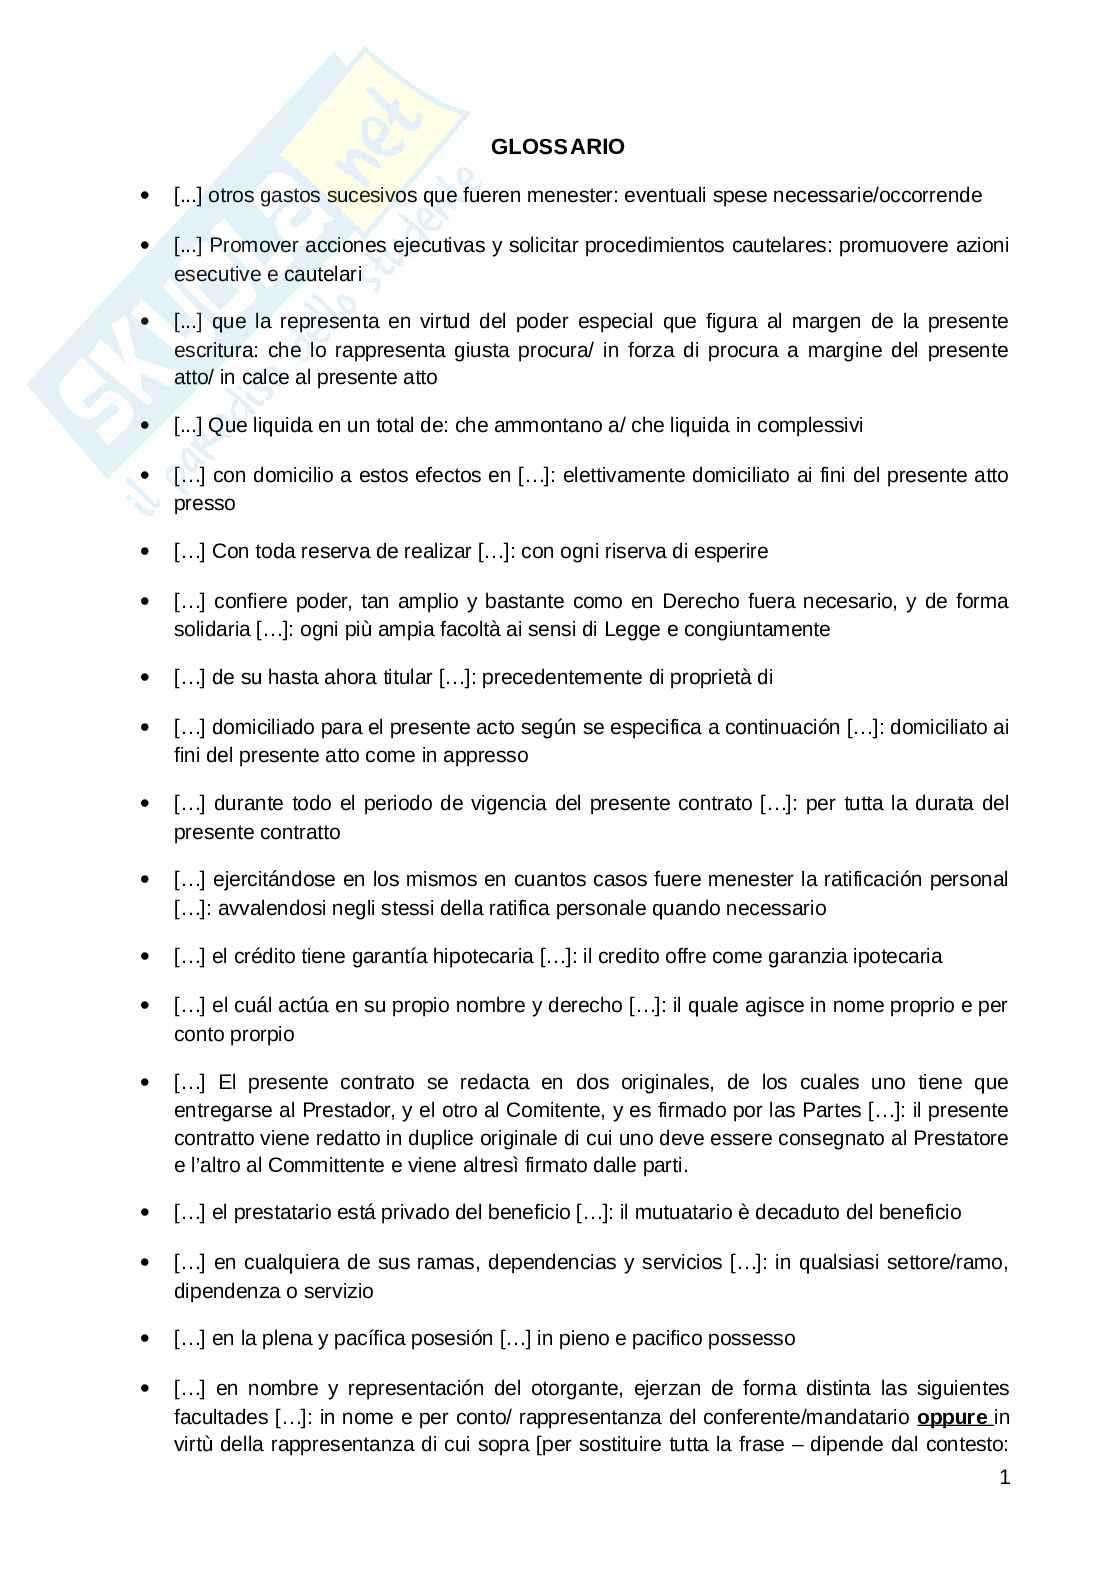 Glossario giuridico spagnolo